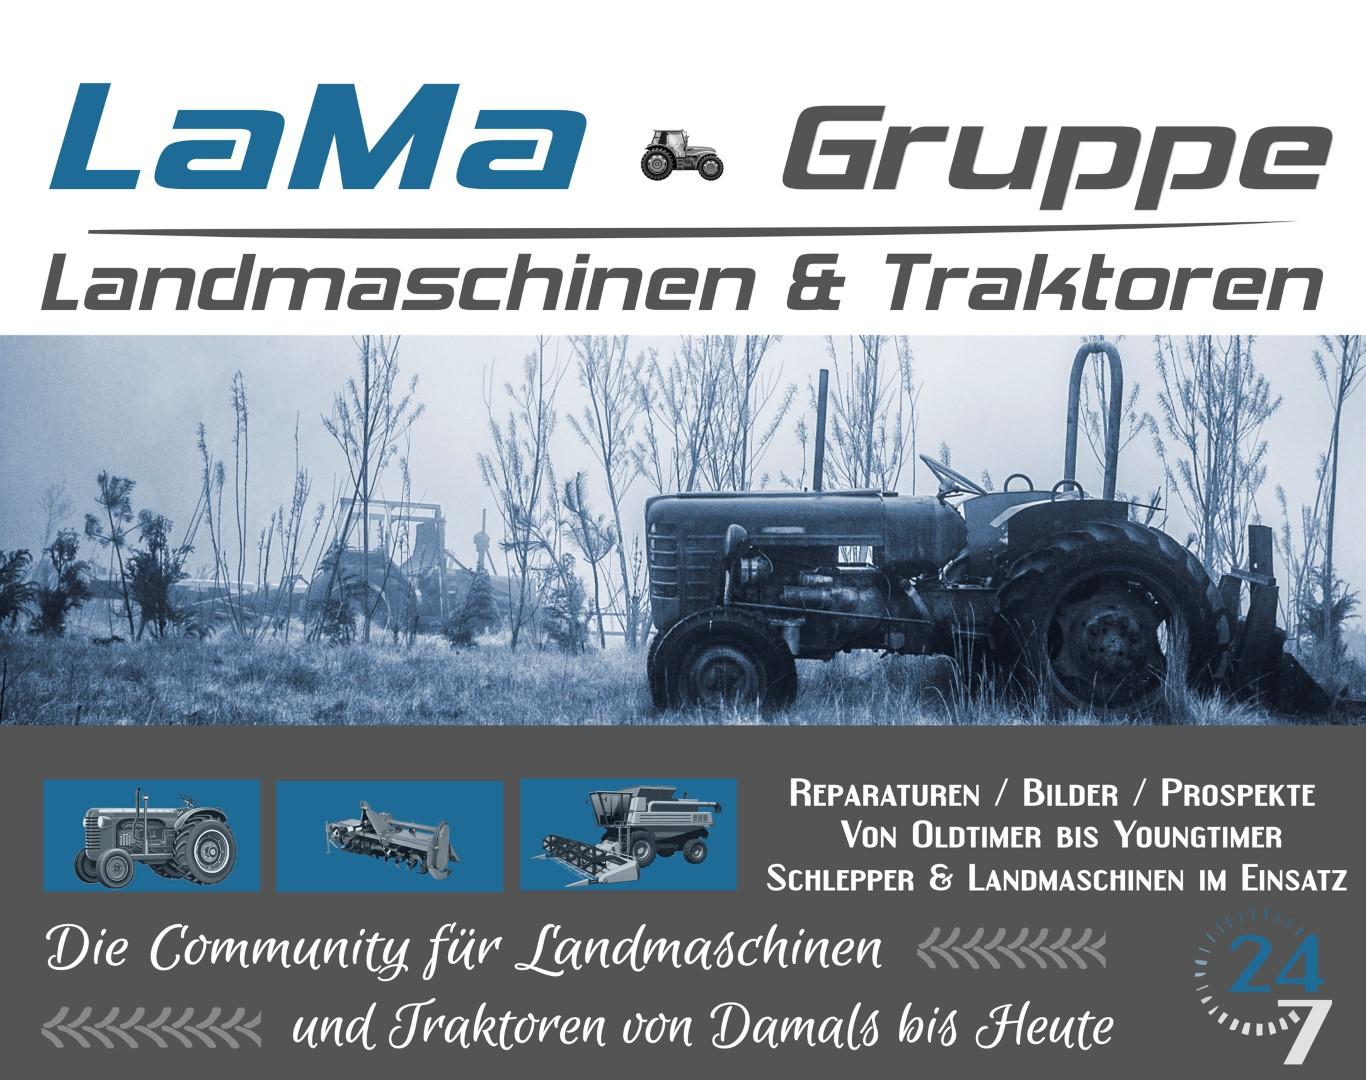 www.lama-forum.de